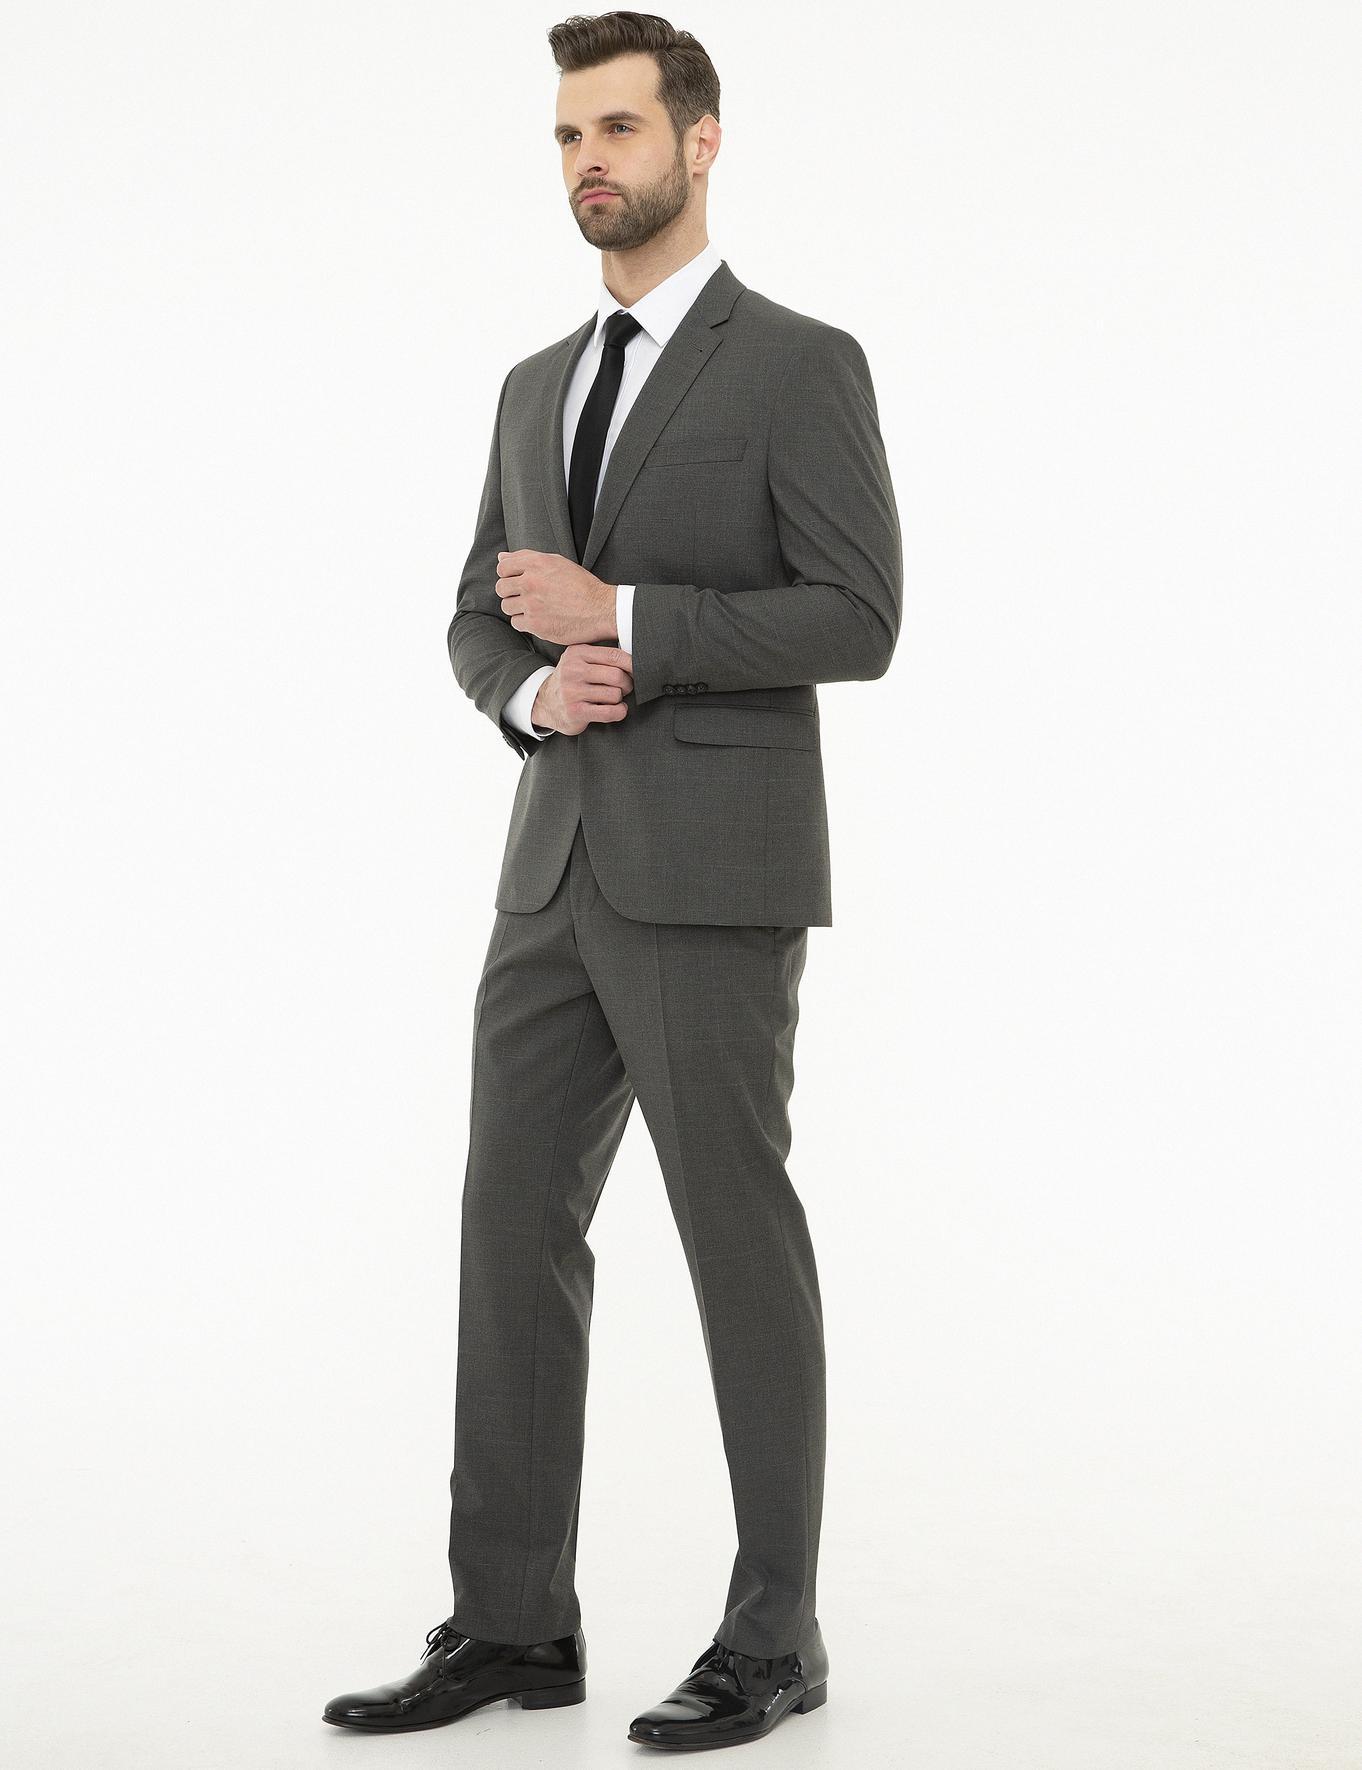 Füme Slim Fit Takım Elbise